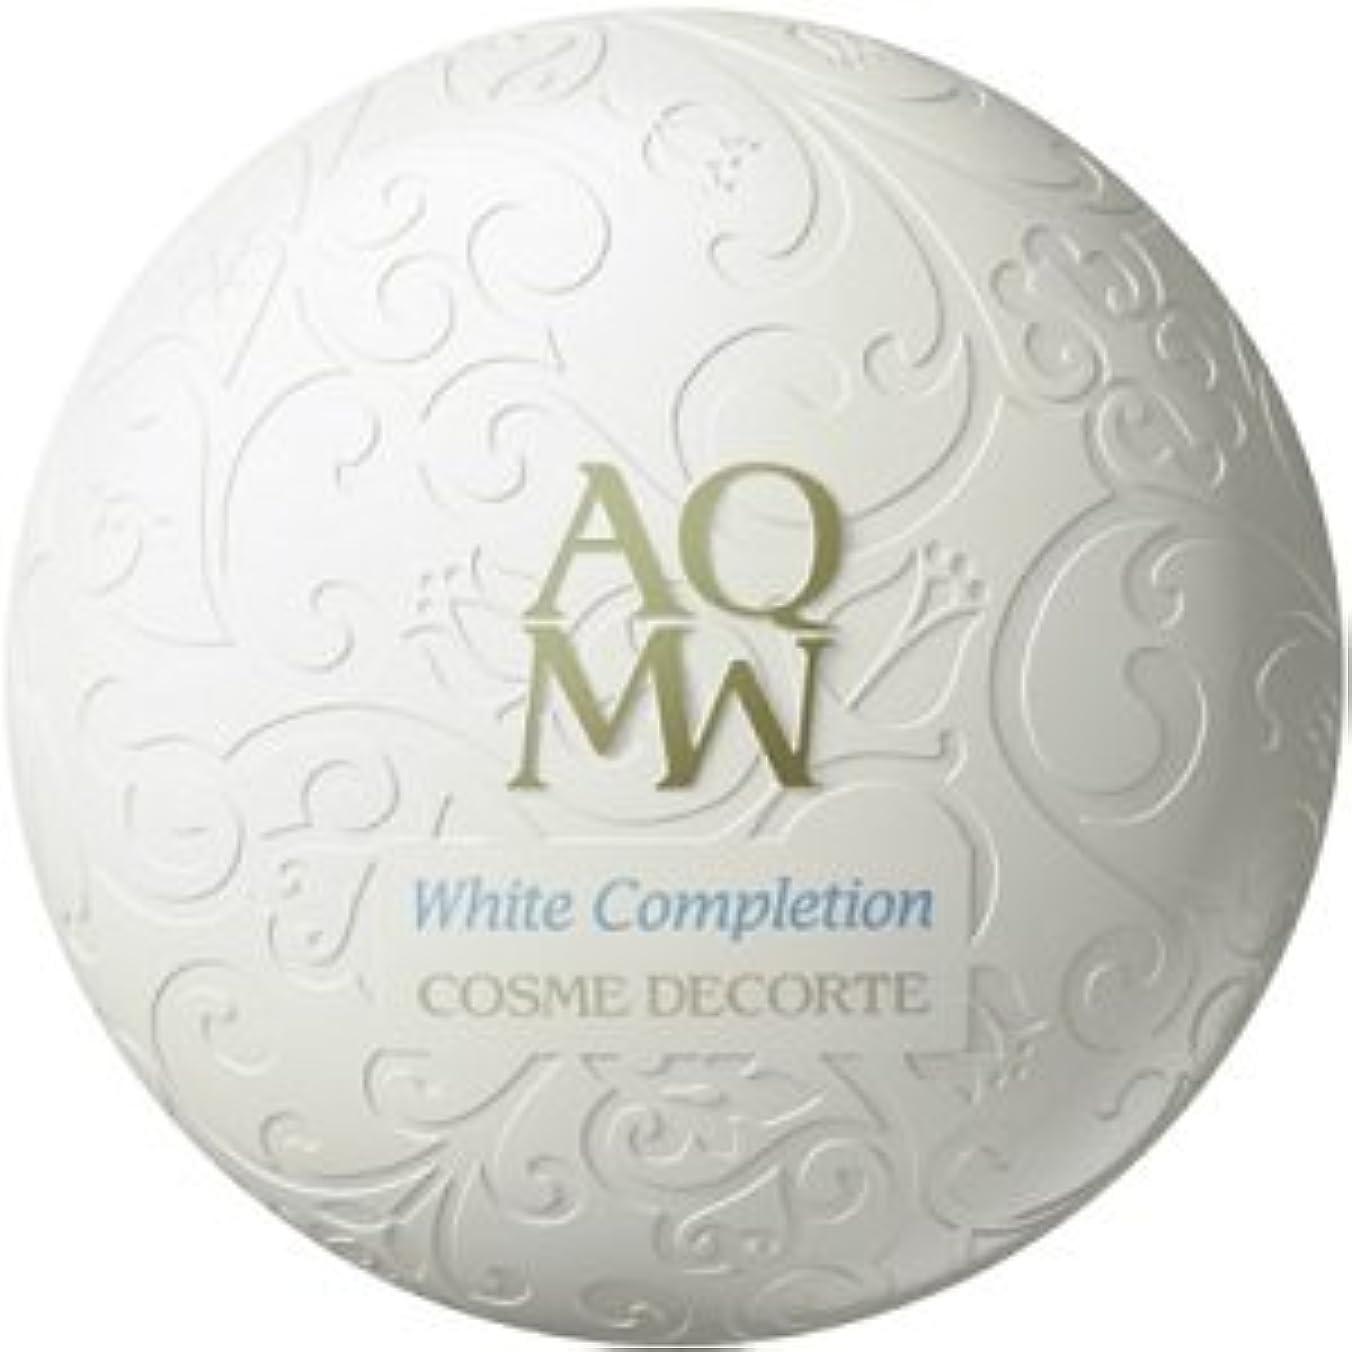 気候の山ホステス甘やかすコスメデコルテ AQMW ホワイトコンプリーション 25g